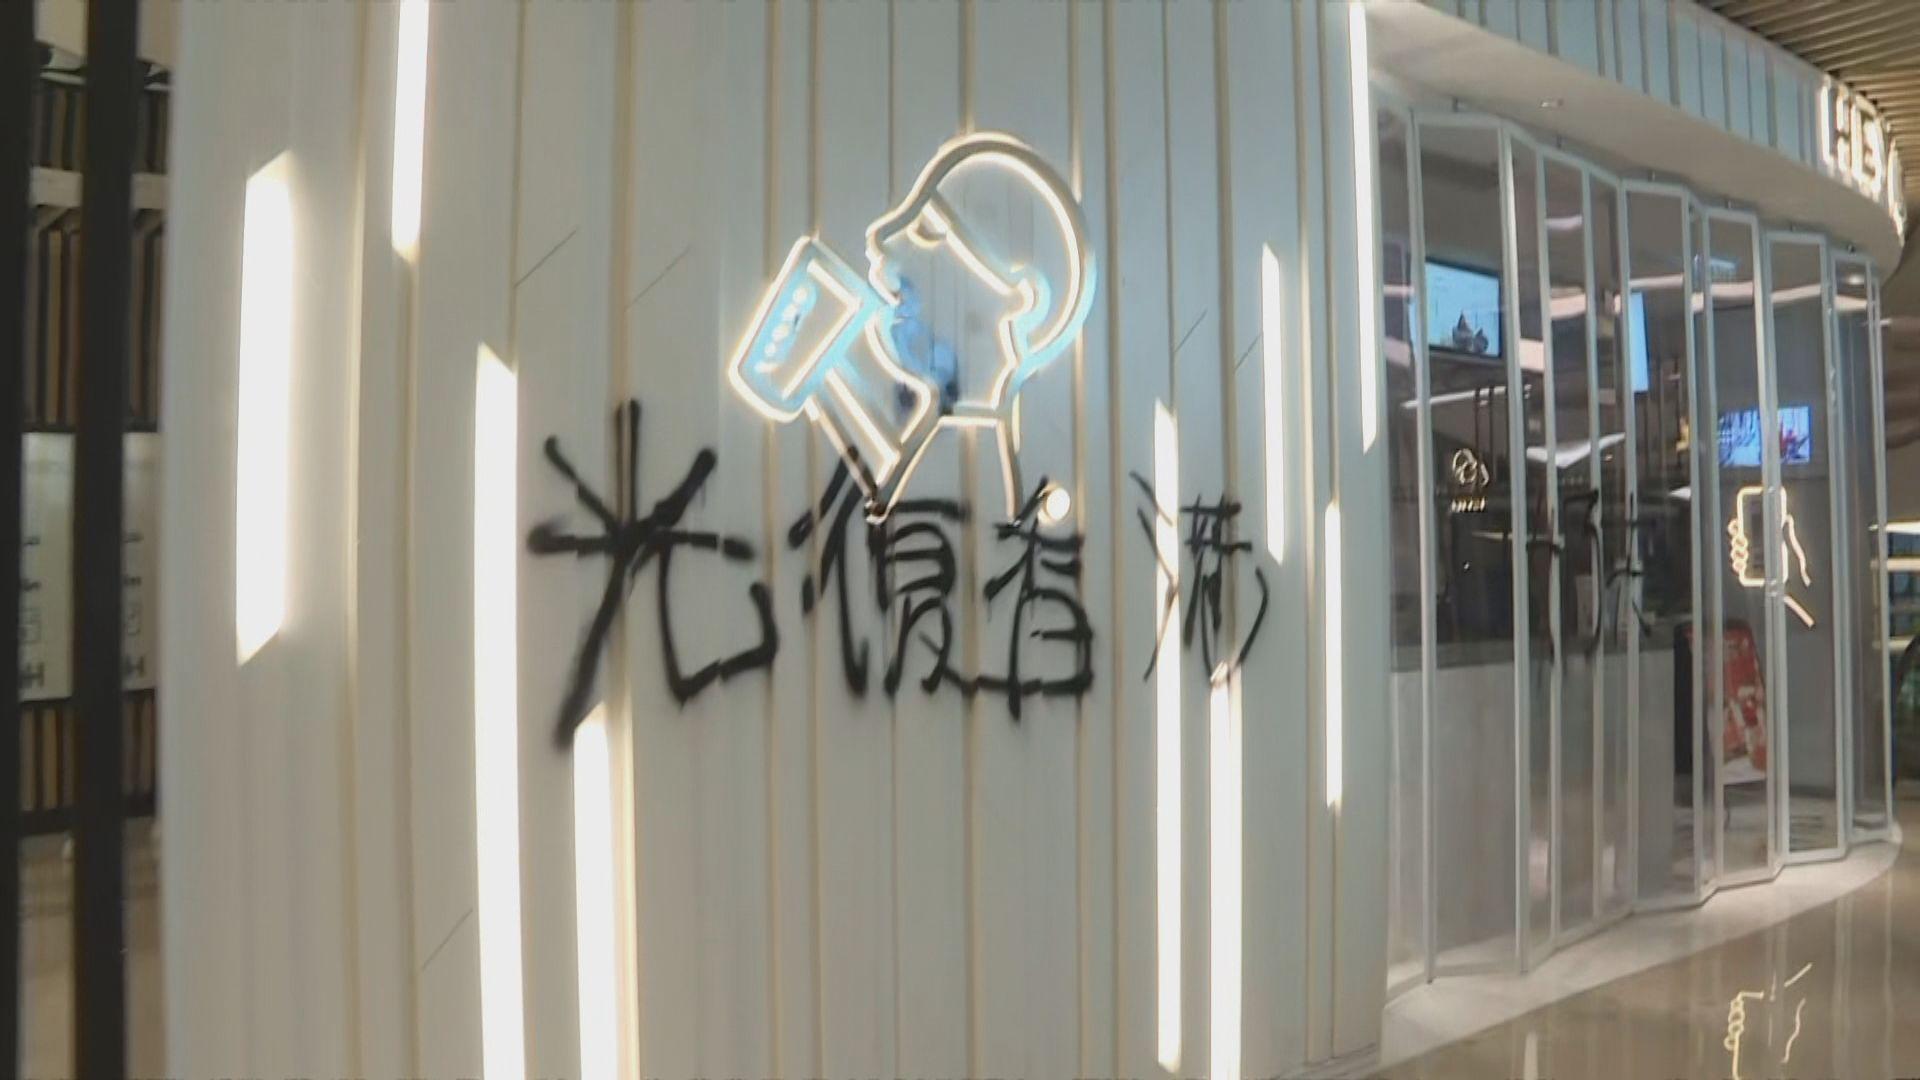 元朗商場有人塗污商店 防暴警到場驅散拘最少一人